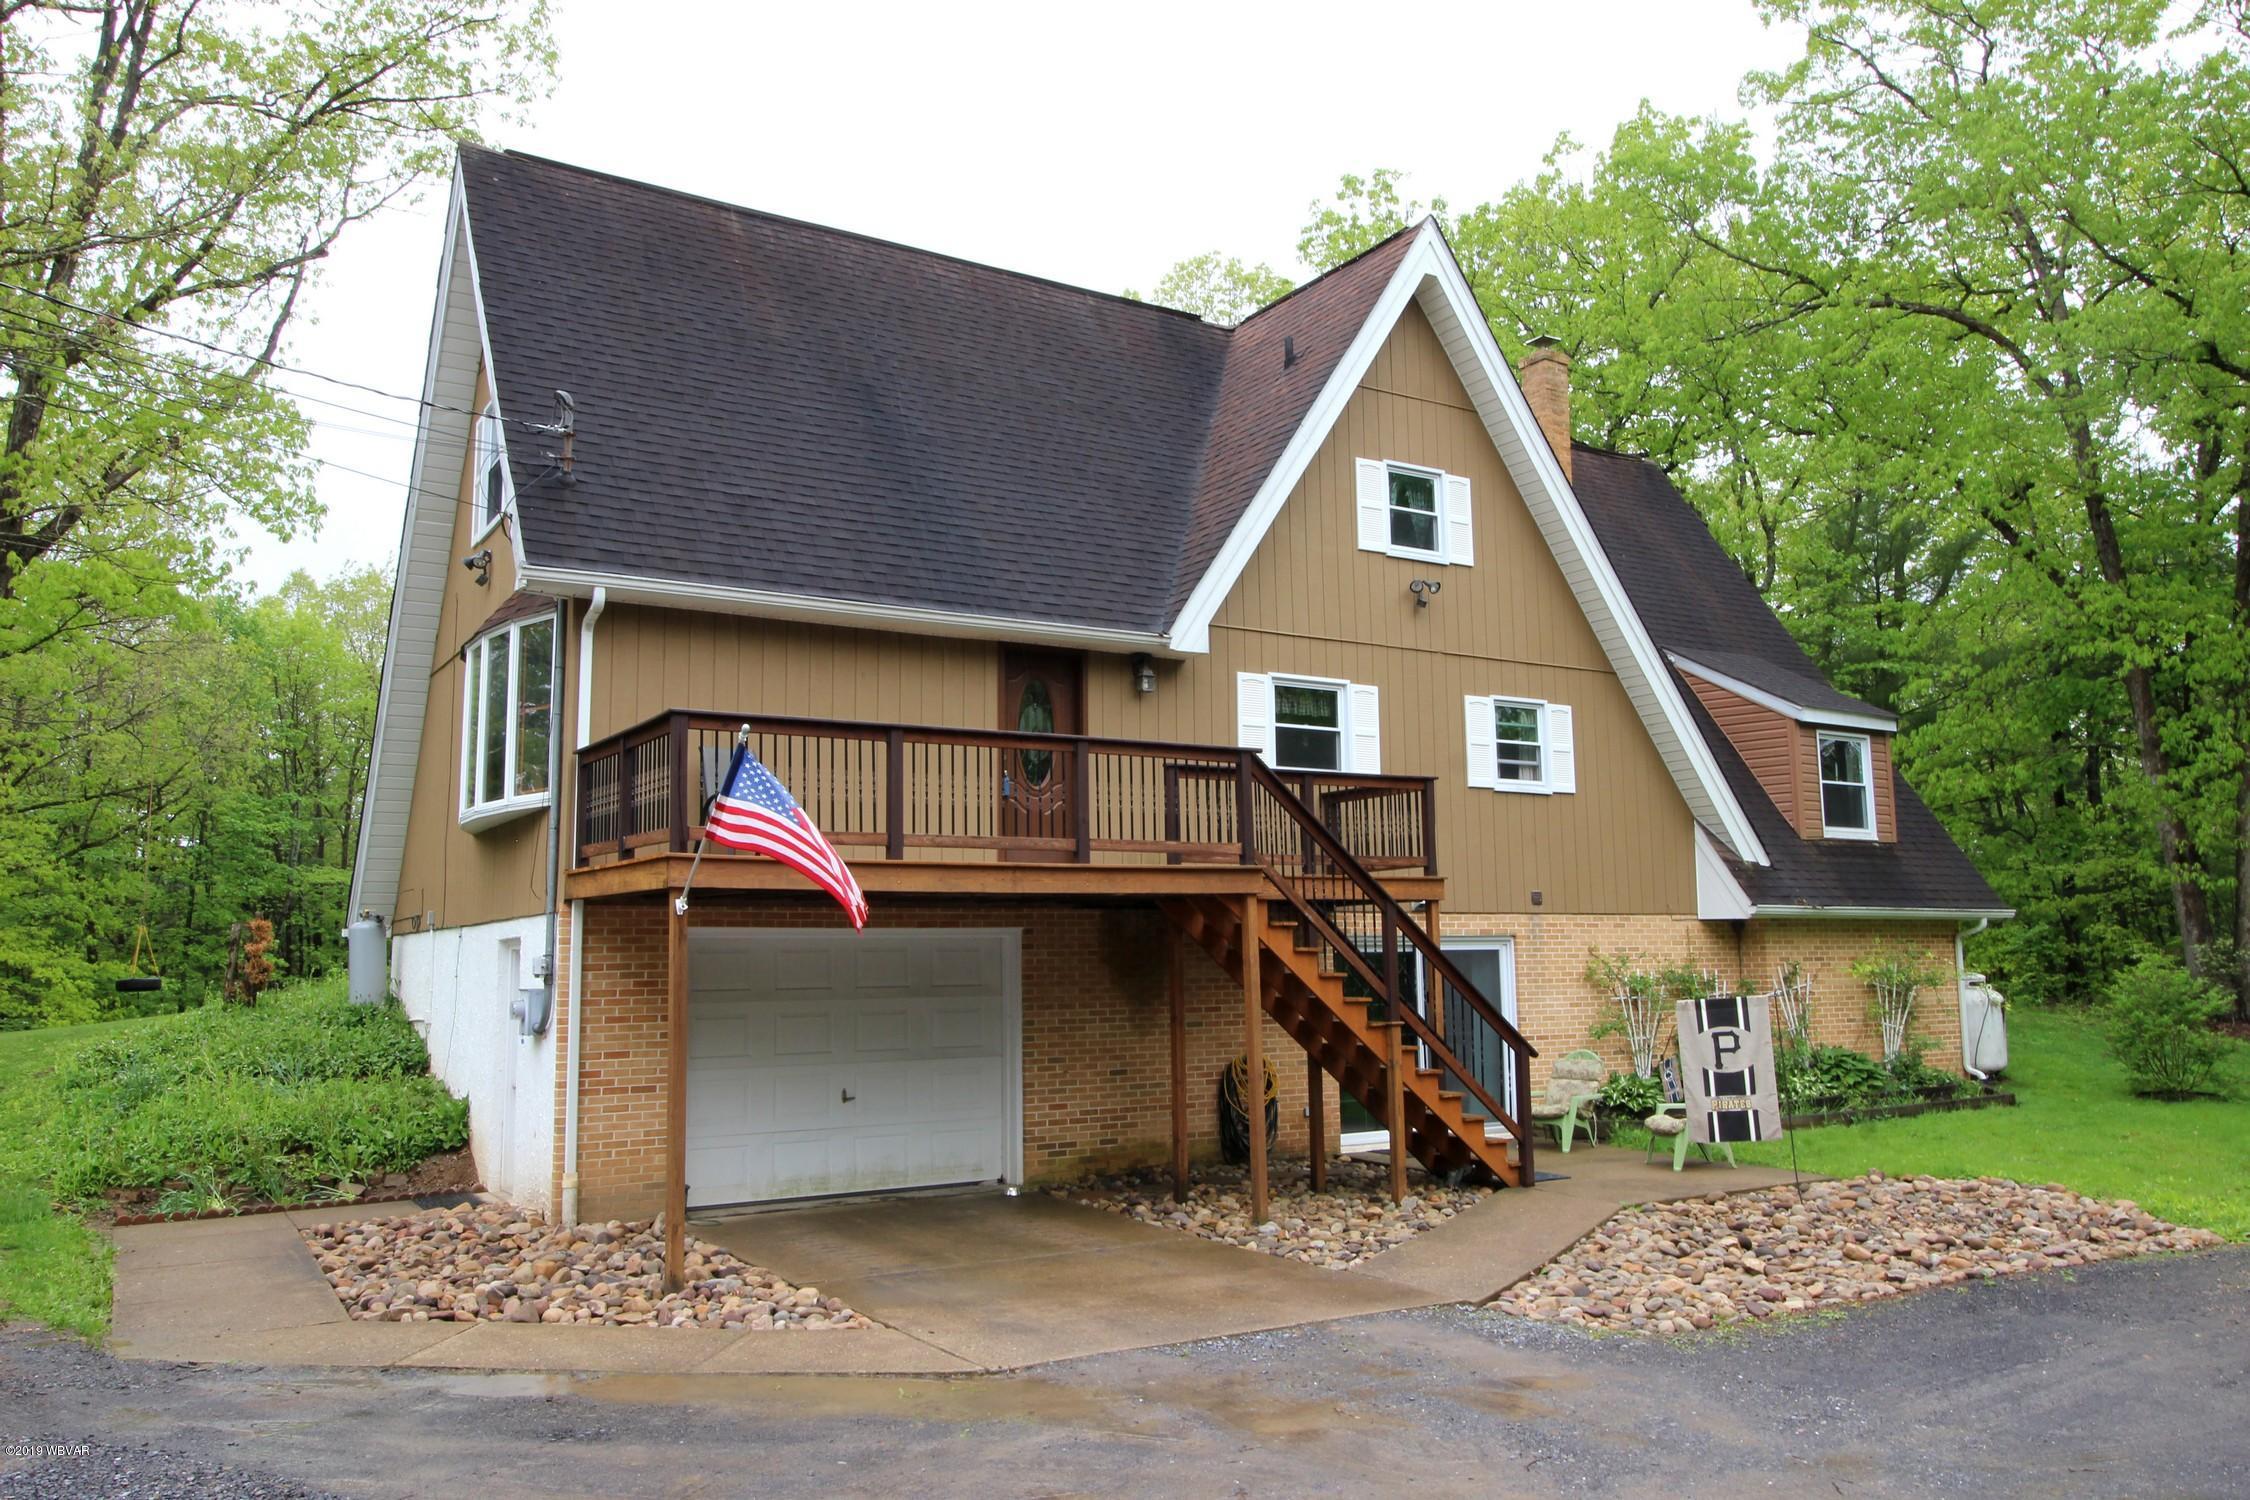 721 SILVERDALE ROAD,Julian,PA 16844,6 Bedrooms Bedrooms,3 BathroomsBathrooms,Residential,SILVERDALE,WB-87349